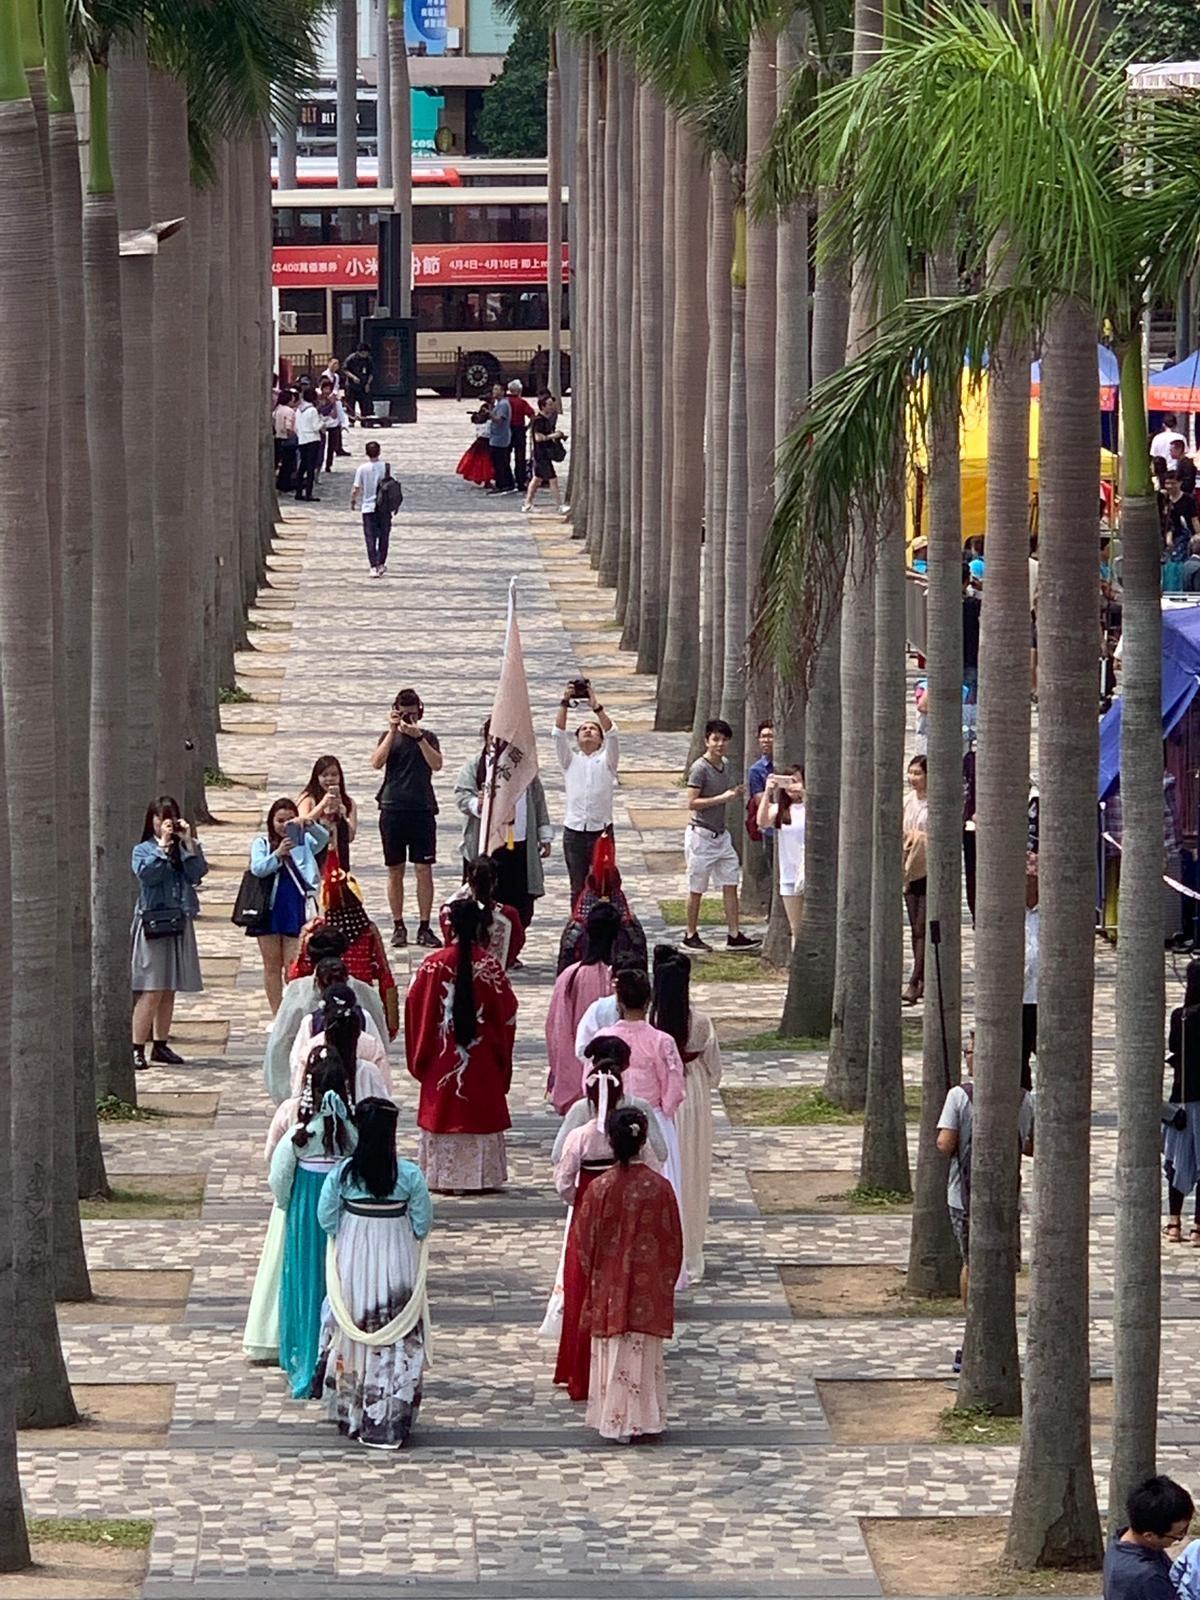 當代中國-中國旅遊-中國文化-漢服-C-漢服香港-6